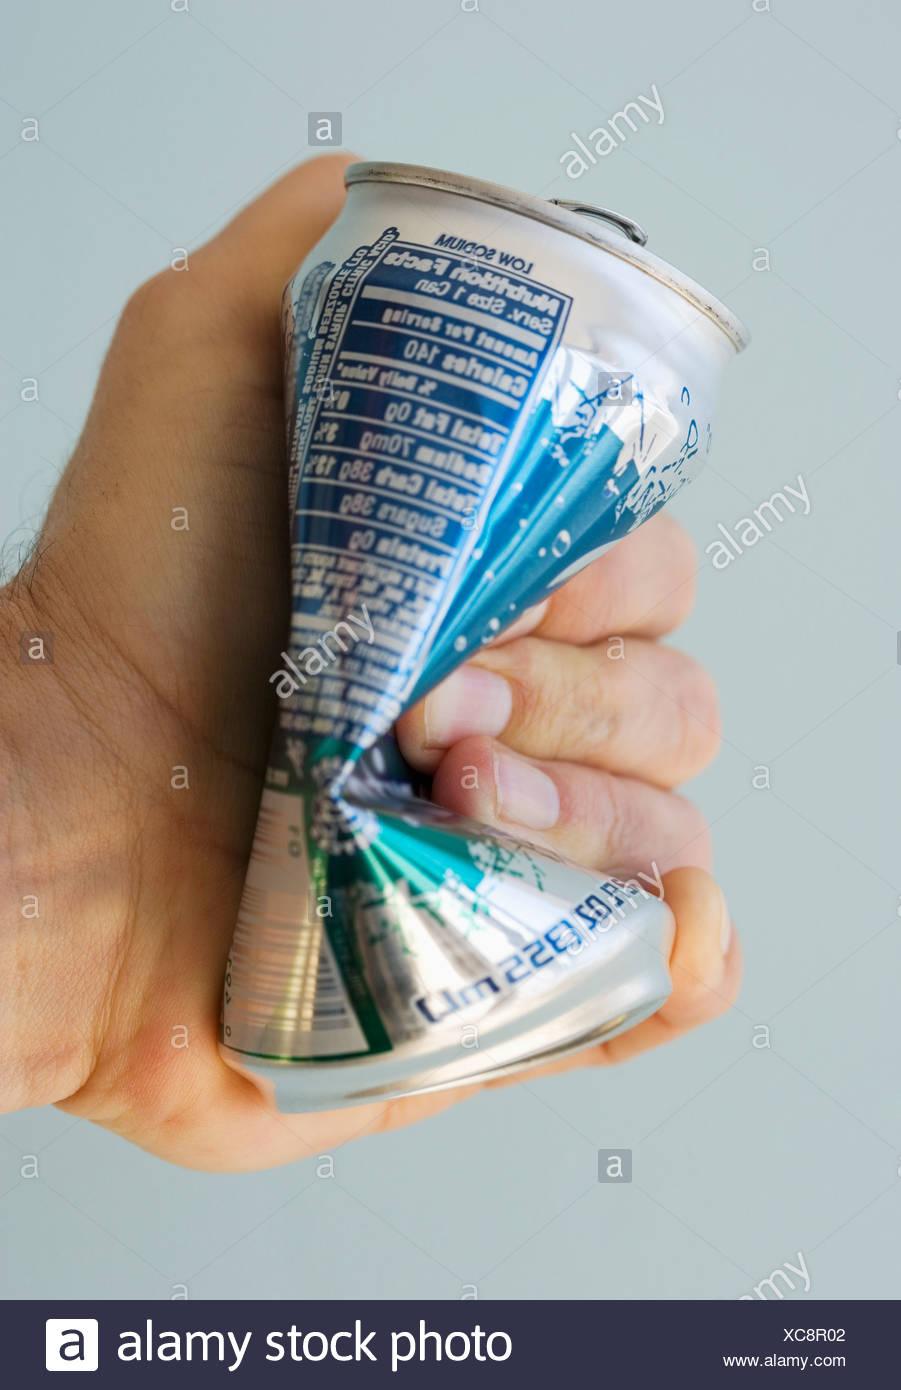 Man crushing tin can - Stock Image